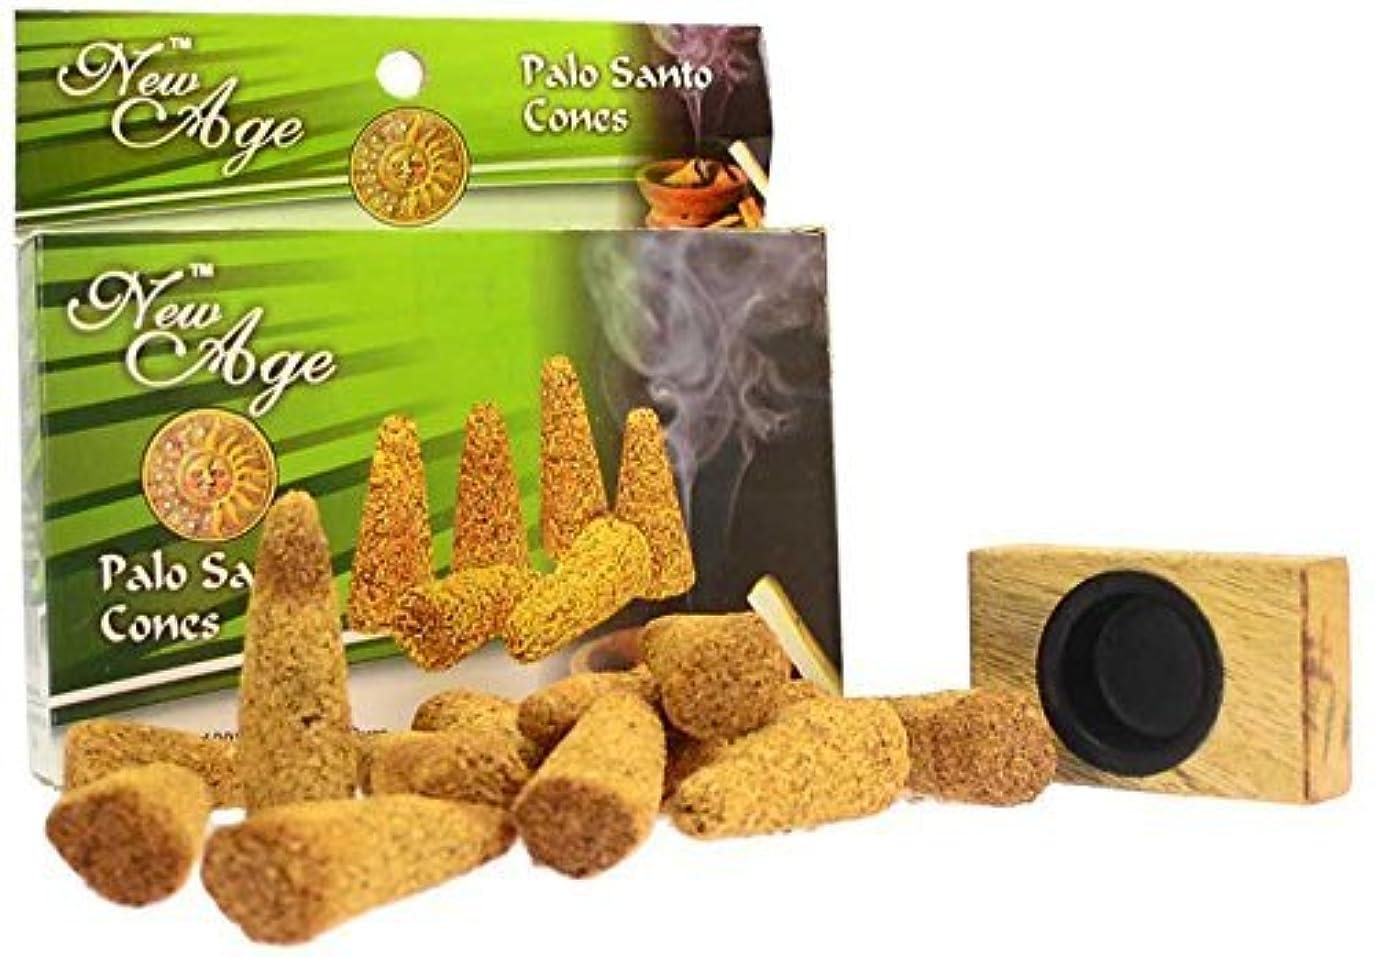 誇張するフィドル柔らかい足New Age Imports Palo Santo Cones with burner, 12 cones